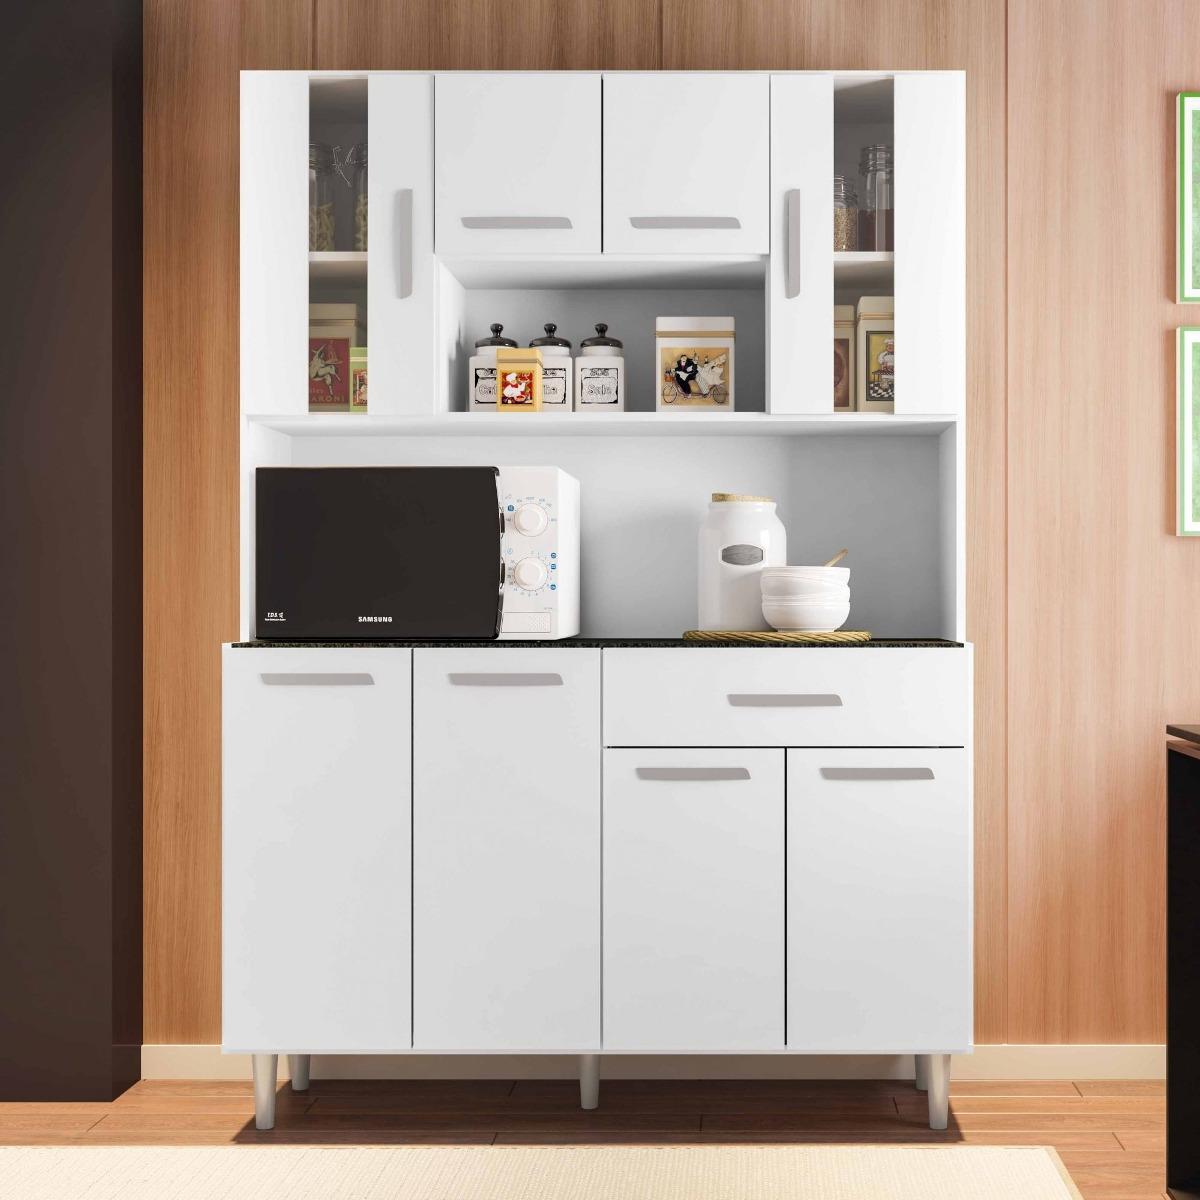 Kit Cozinha Compacta Gabi Poliman R 564 90 Em Mercado Livre